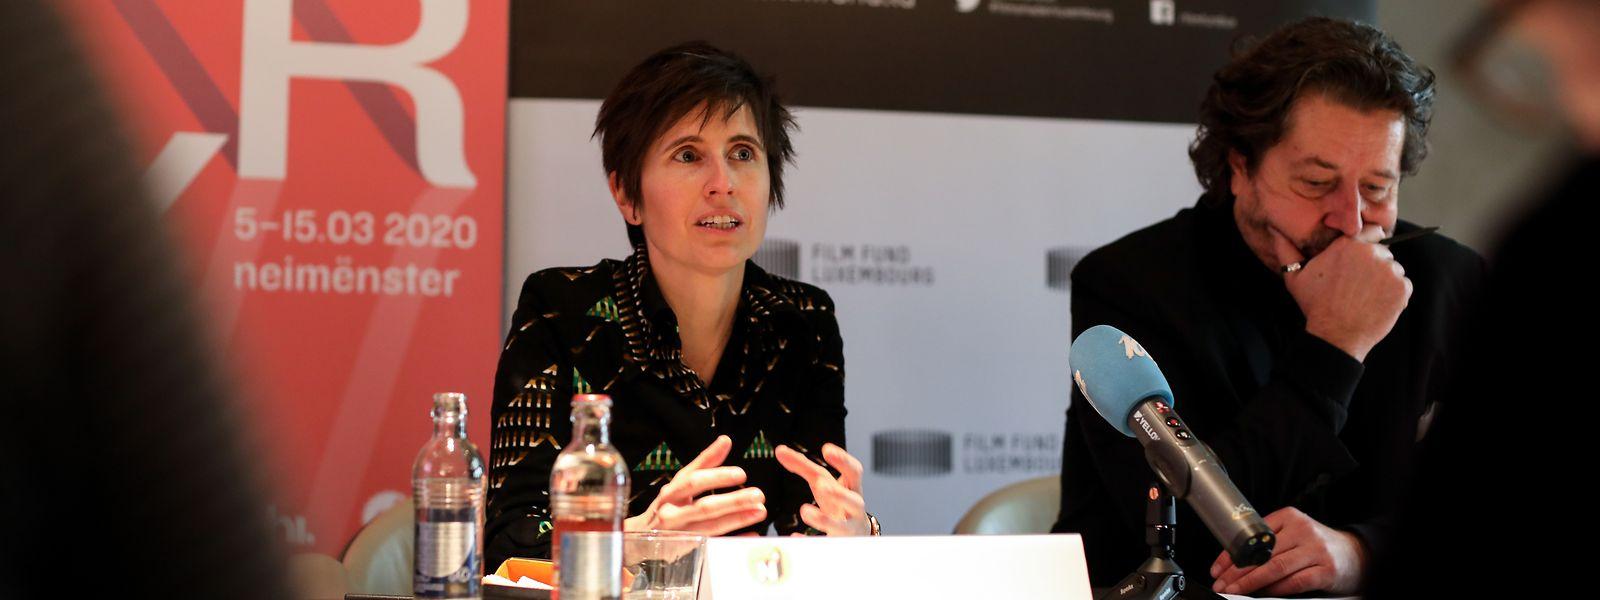 Ainhoa Achutegui, directrice de Neimënster, et Guy Daleiden, directeur du Film Fund Luxembourg, ont dévoilé le programme complet du Pavillon Réalité Virtuelle.